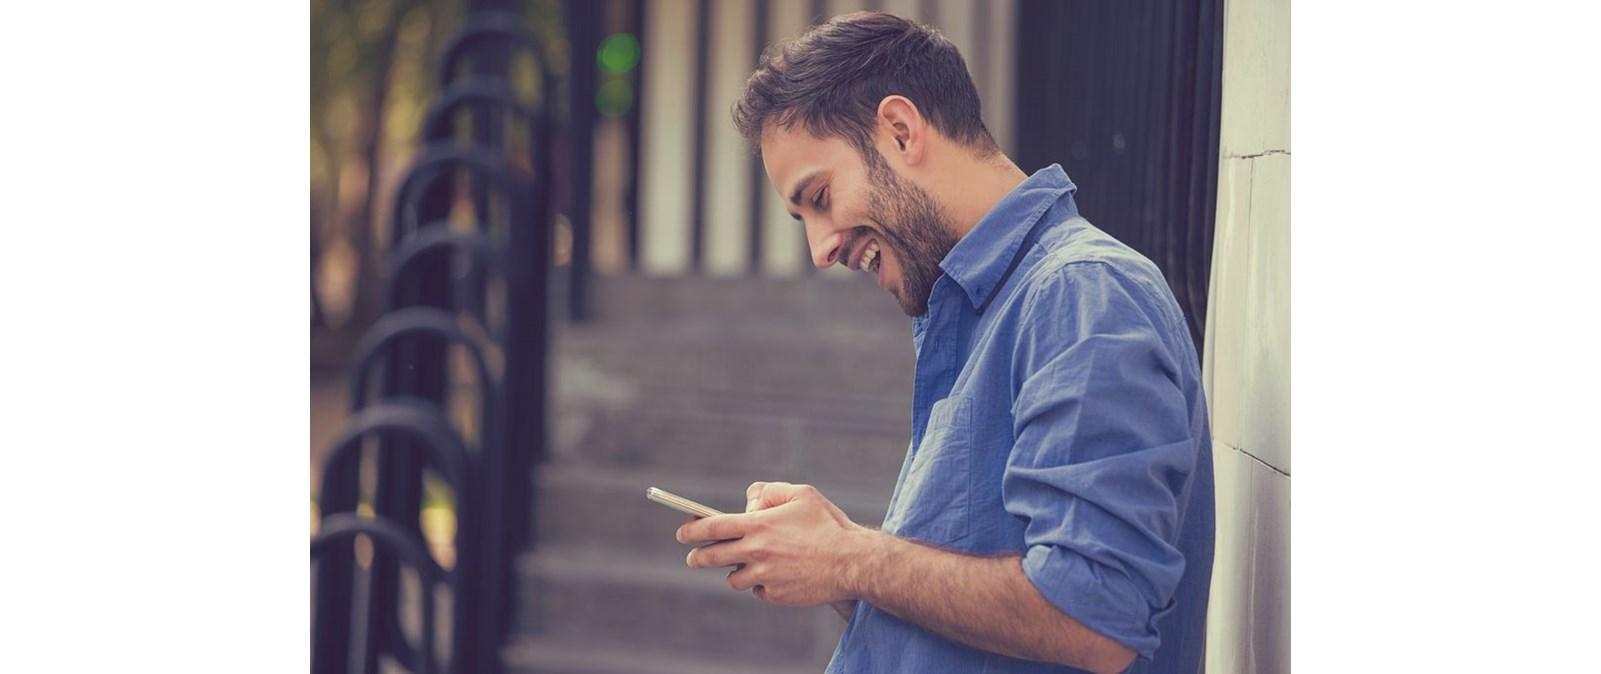 καλύτερο κινητό online dating